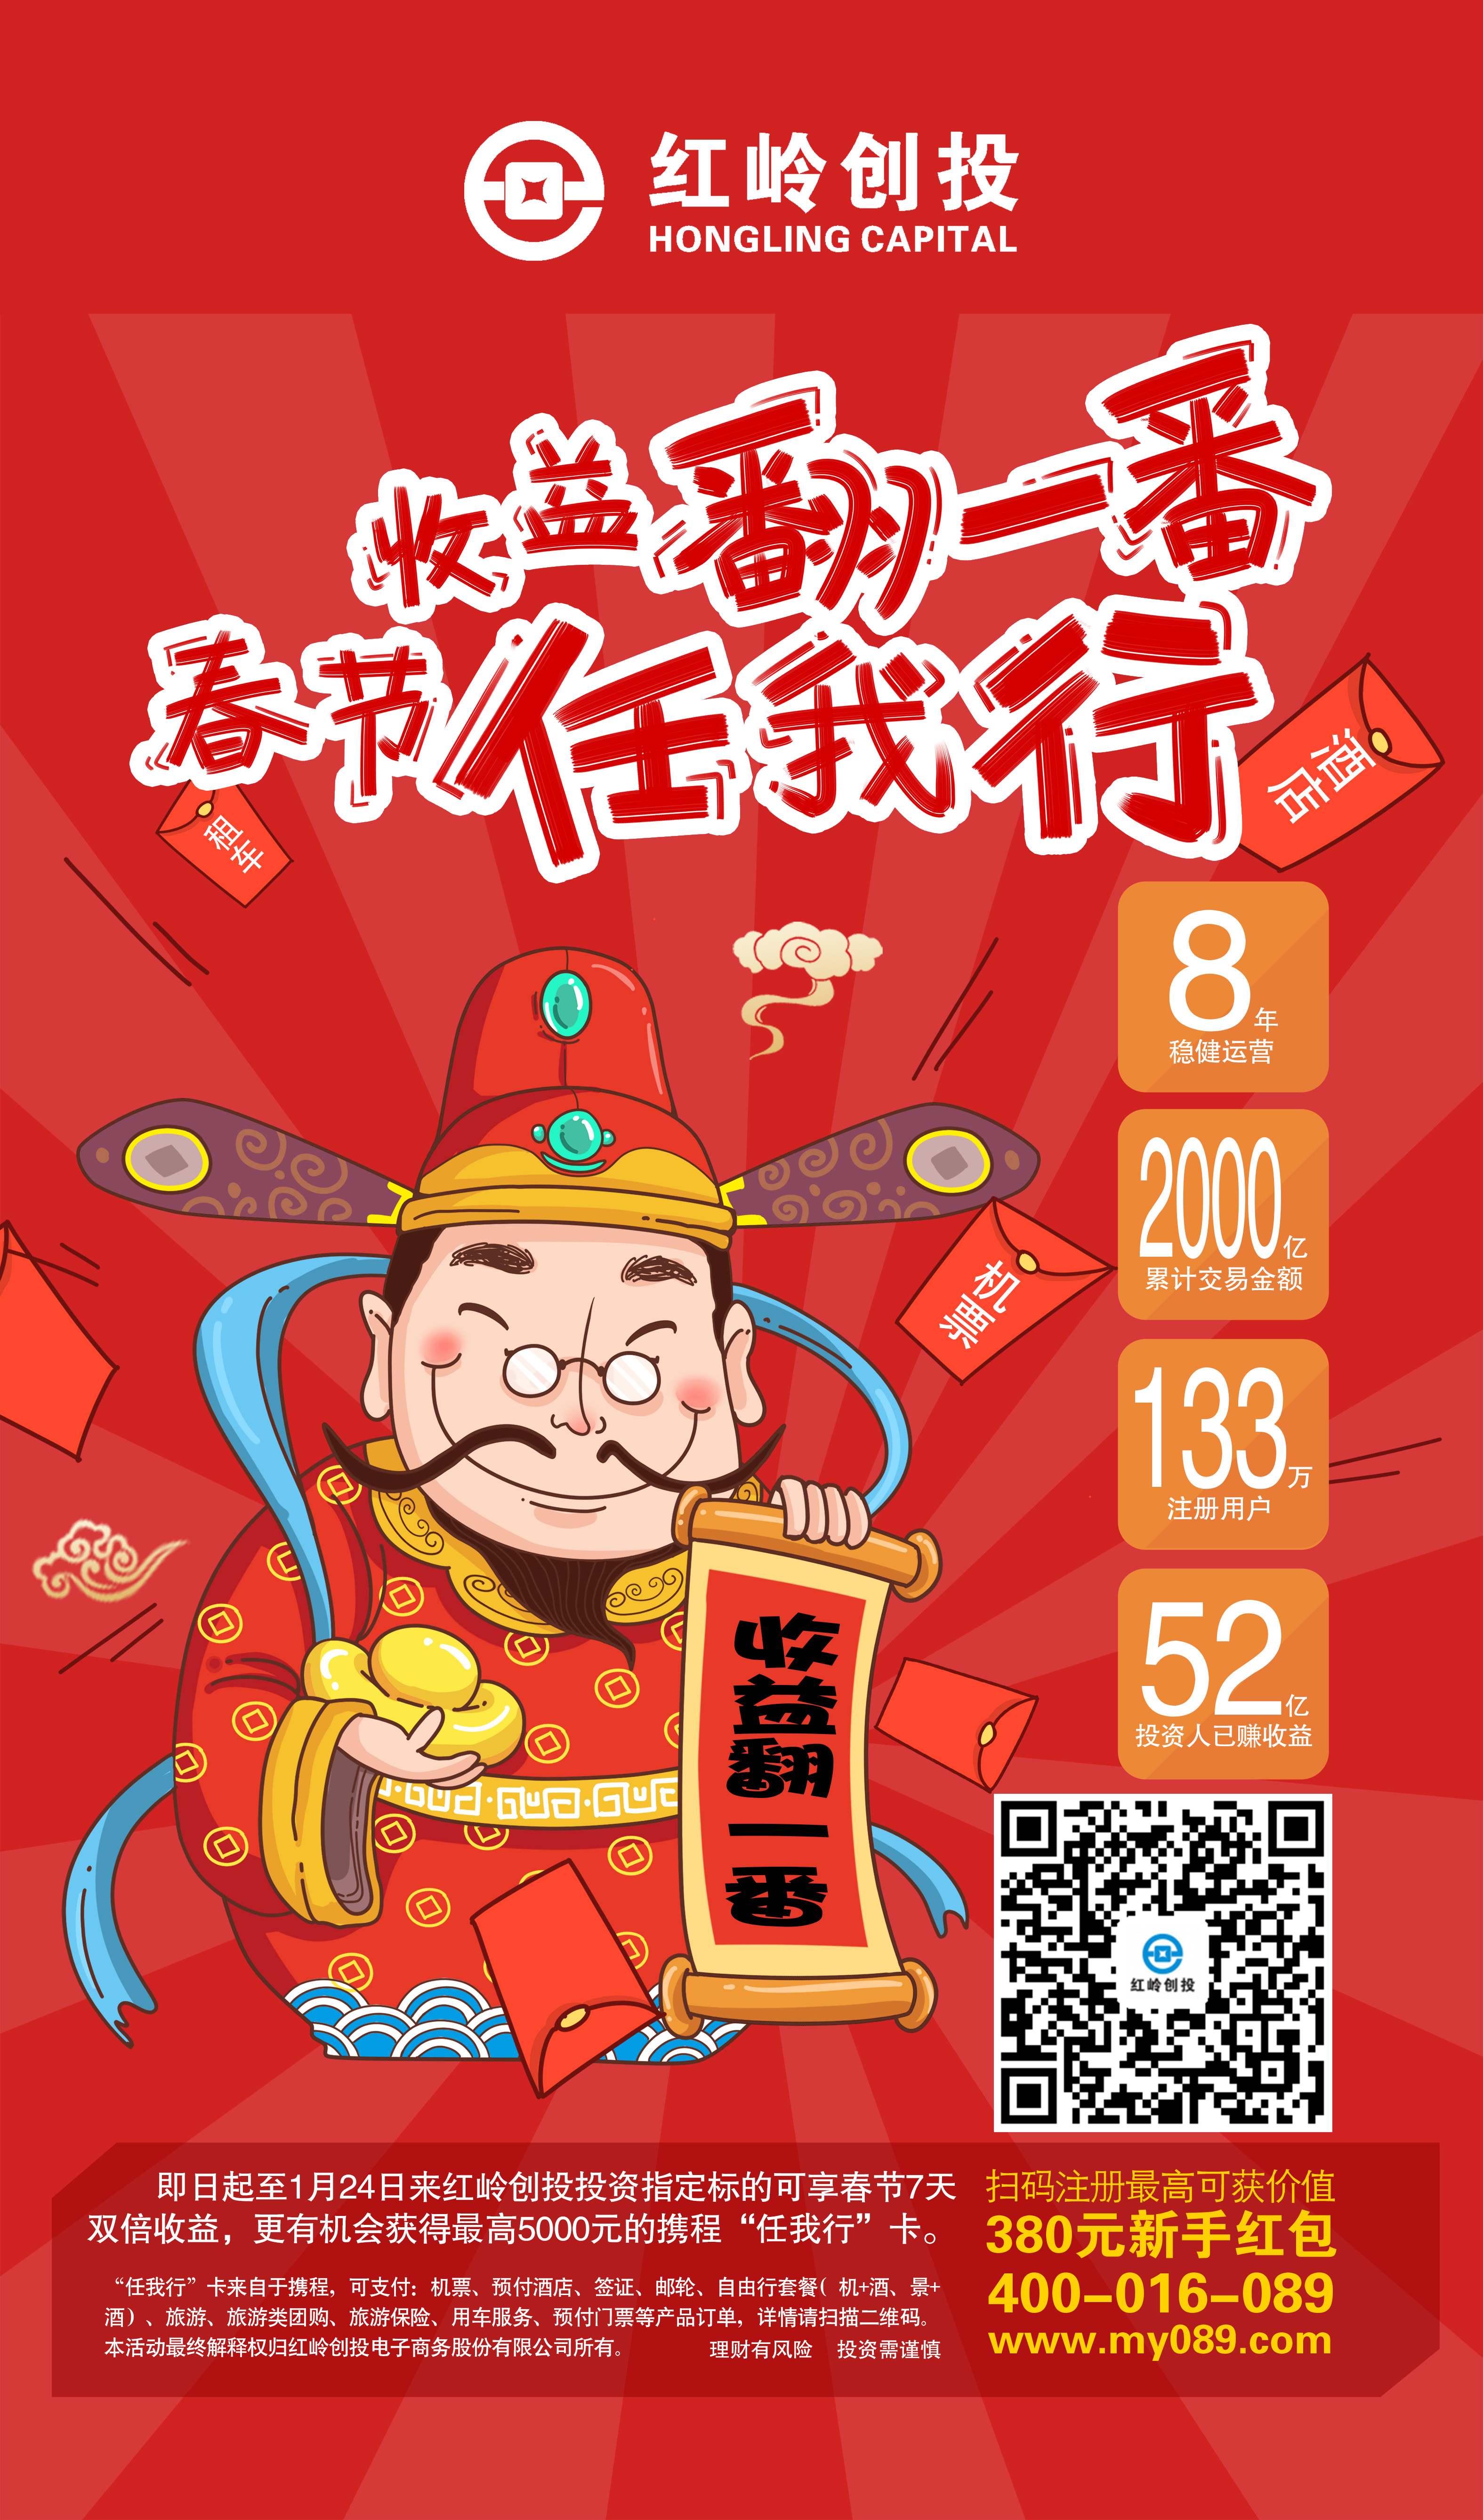 春节期间,公司组办的春节活动,并投放于网络图片